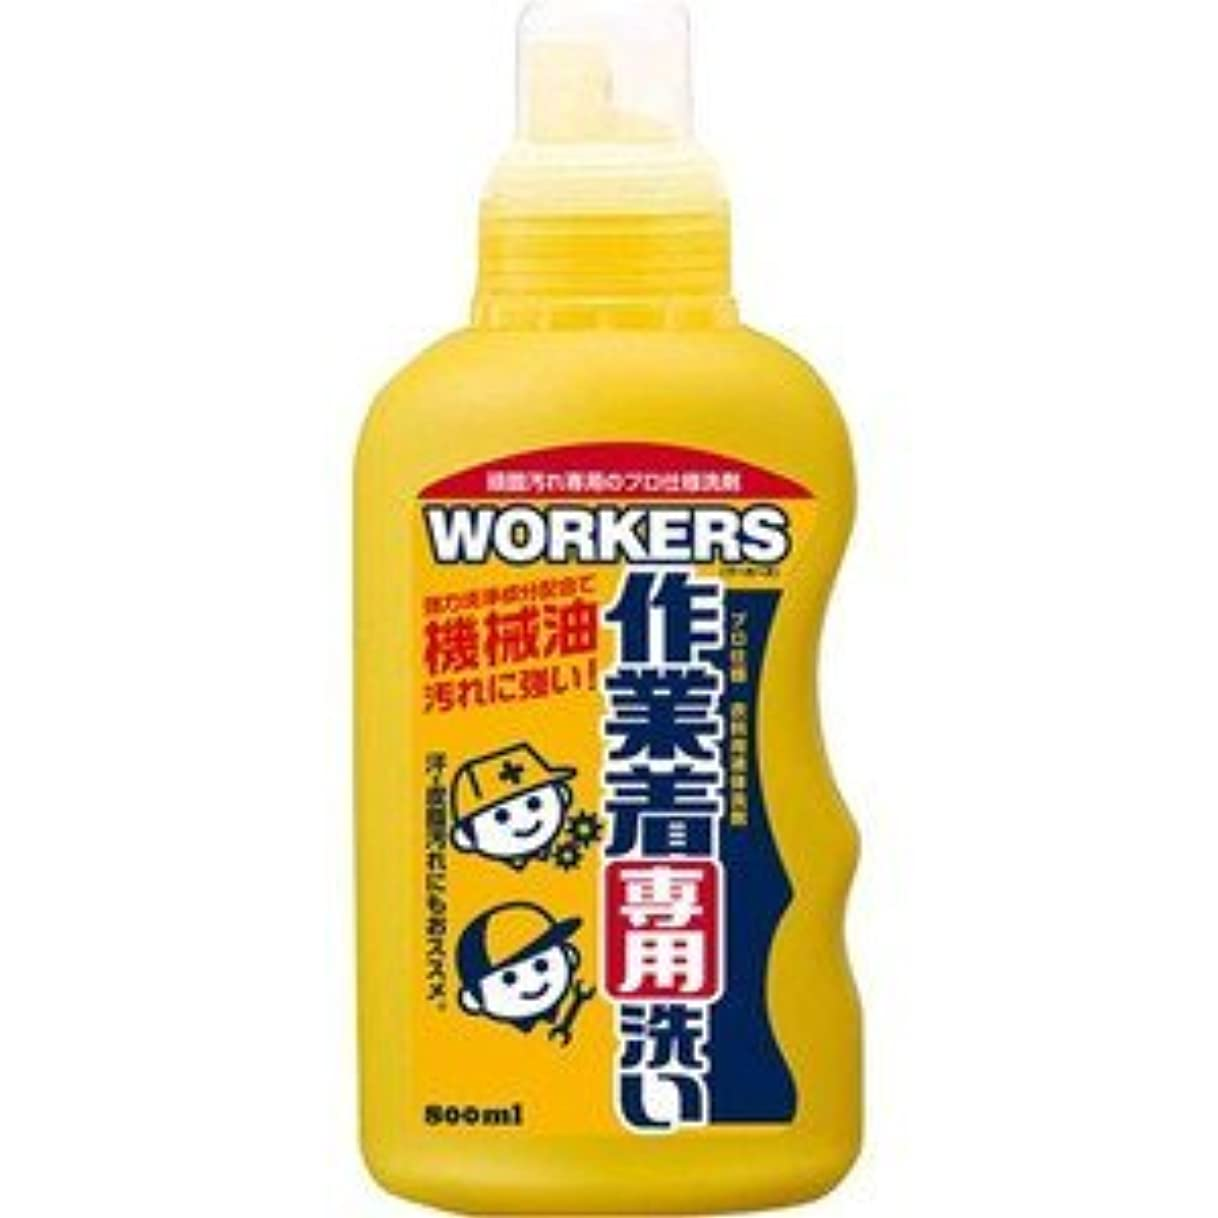 企業サルベージ覆す(NSファーファ?ジャパン)WORKERS 作業着液体洗剤 本体 800ml